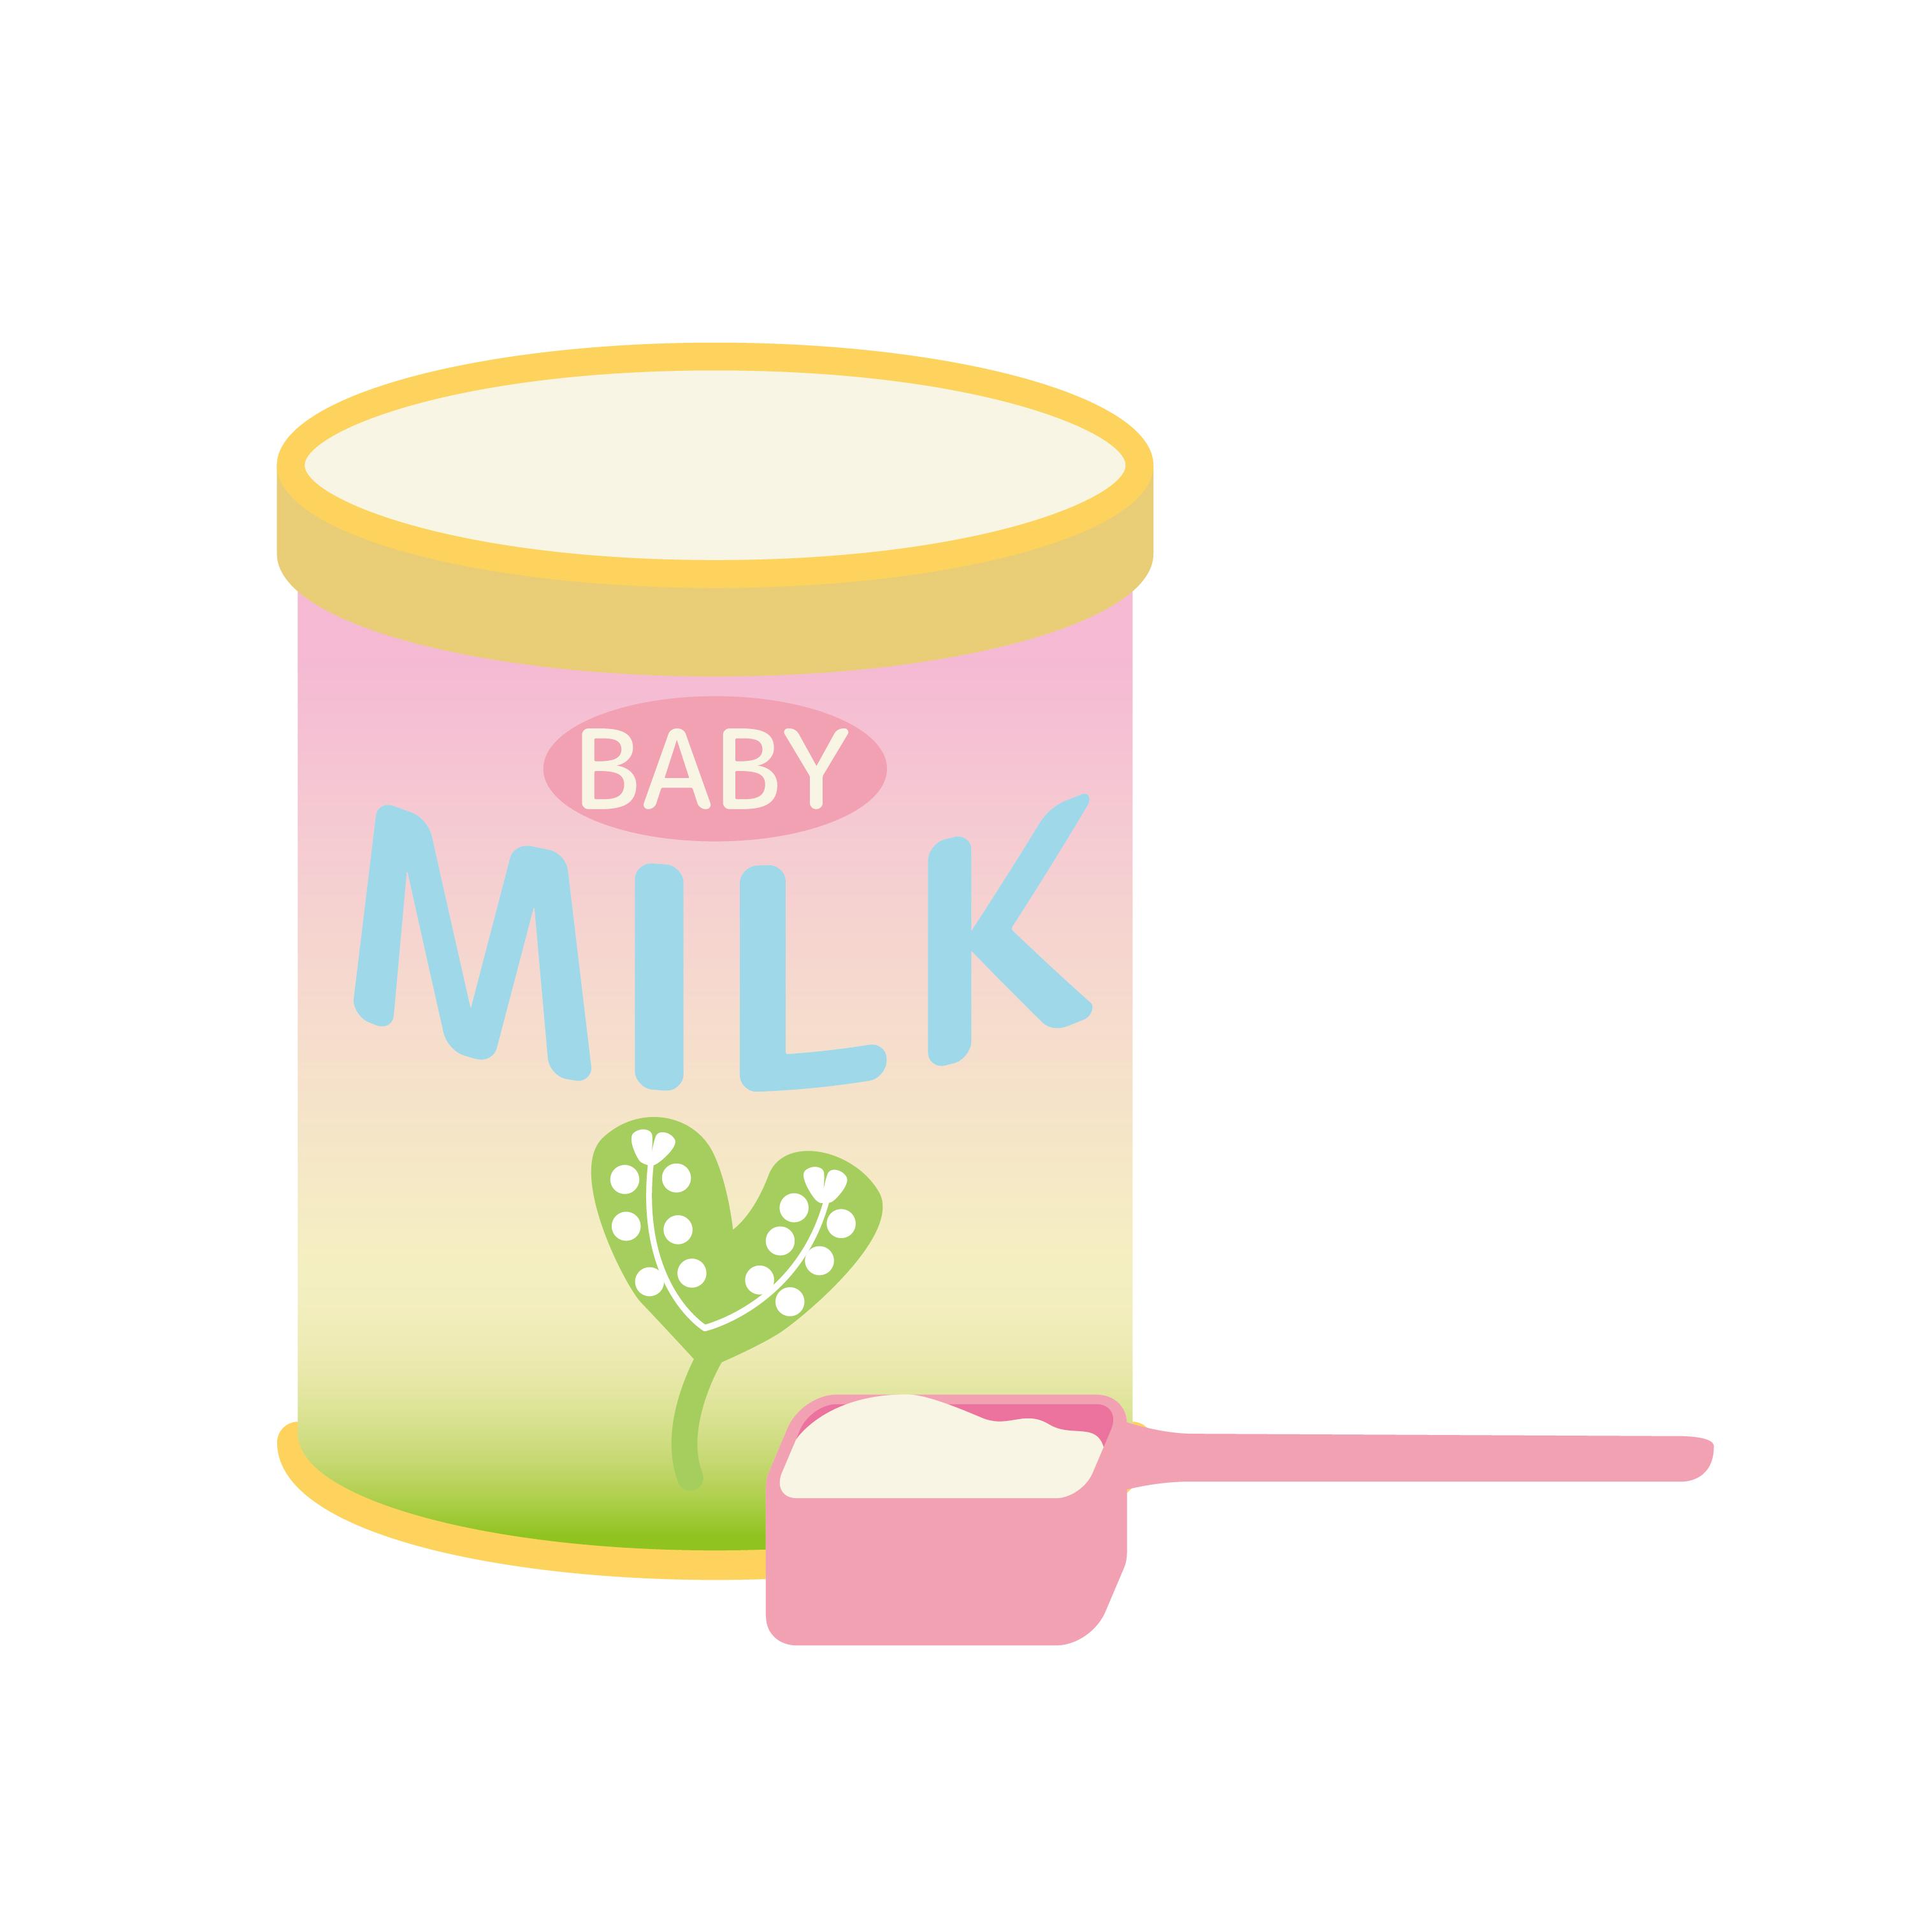 人工乳を早期に導入すると、ミルクアレルギーが少ないかもしれない